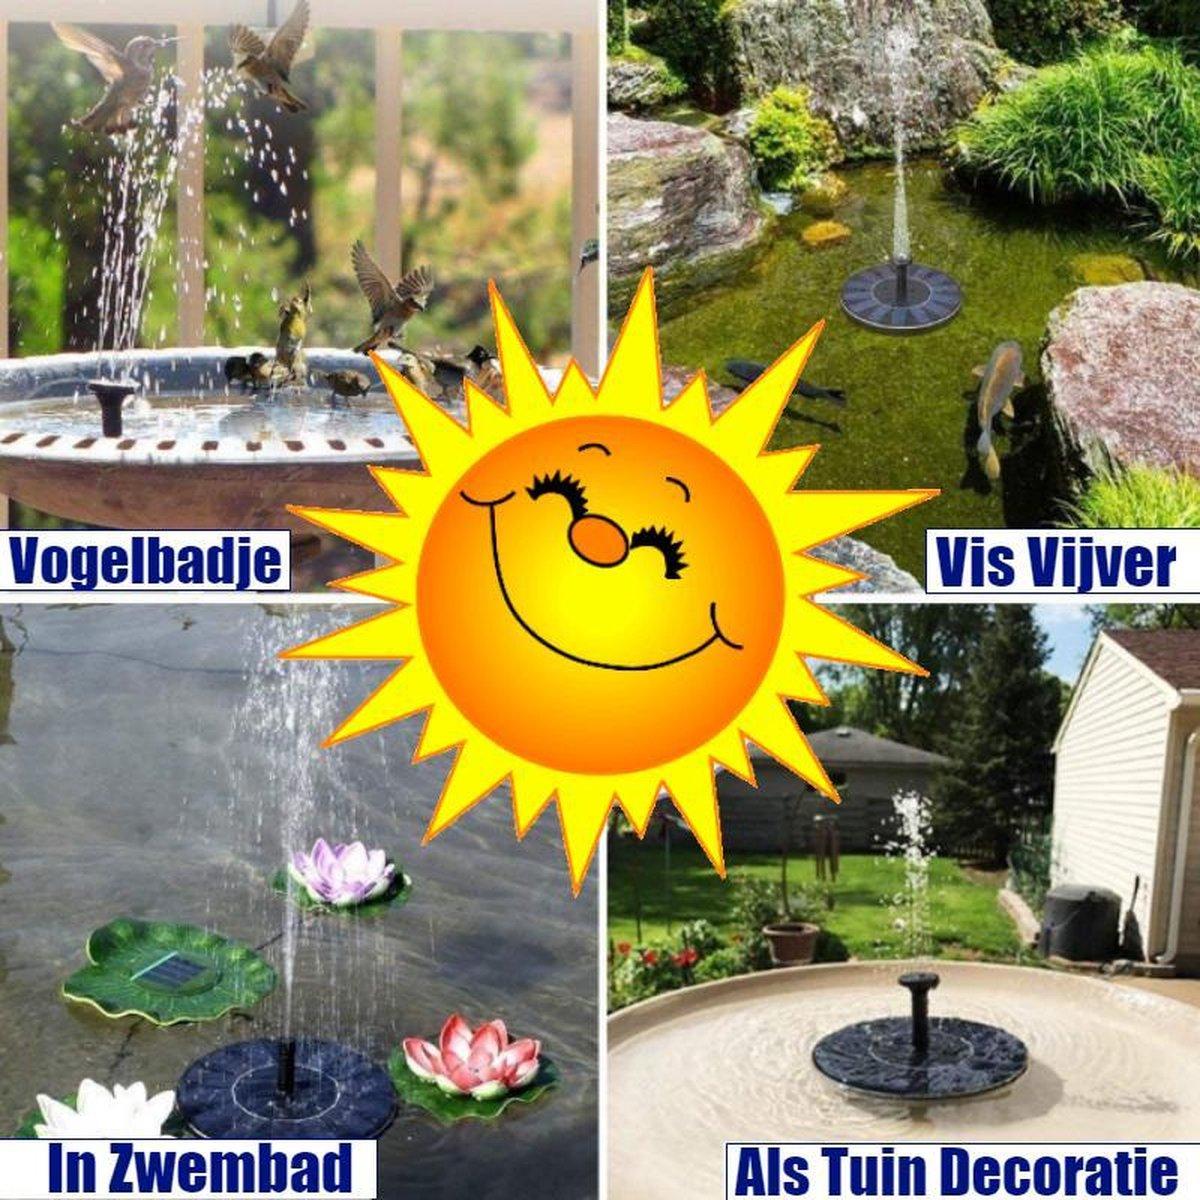 SOLAR Fontijn op zonne energie - Fonteinset - Zon energie Waterfontein - Fontijn op zonneenergie voor Vijver of Vijvertje - Fontijnpomp Vogelbad / Vijver tuindecoratie / Kamerfontein - Gratis 4x Fonteinen sproeistuk voor verschillende water effecten